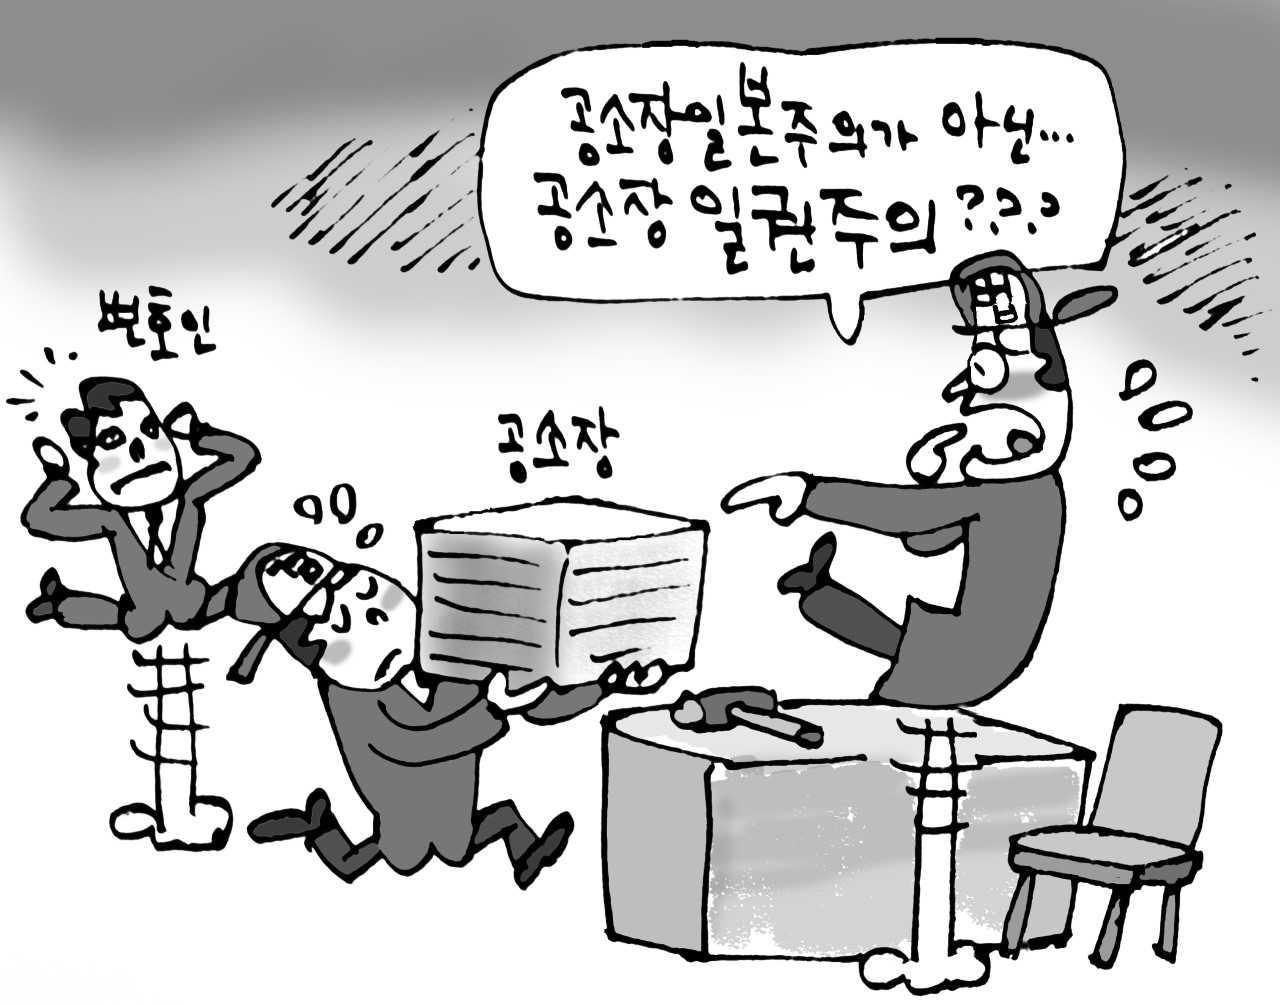 임종헌 前 차장 재판 돌입… '공소장 일본주의' 위반 싸고 격돌